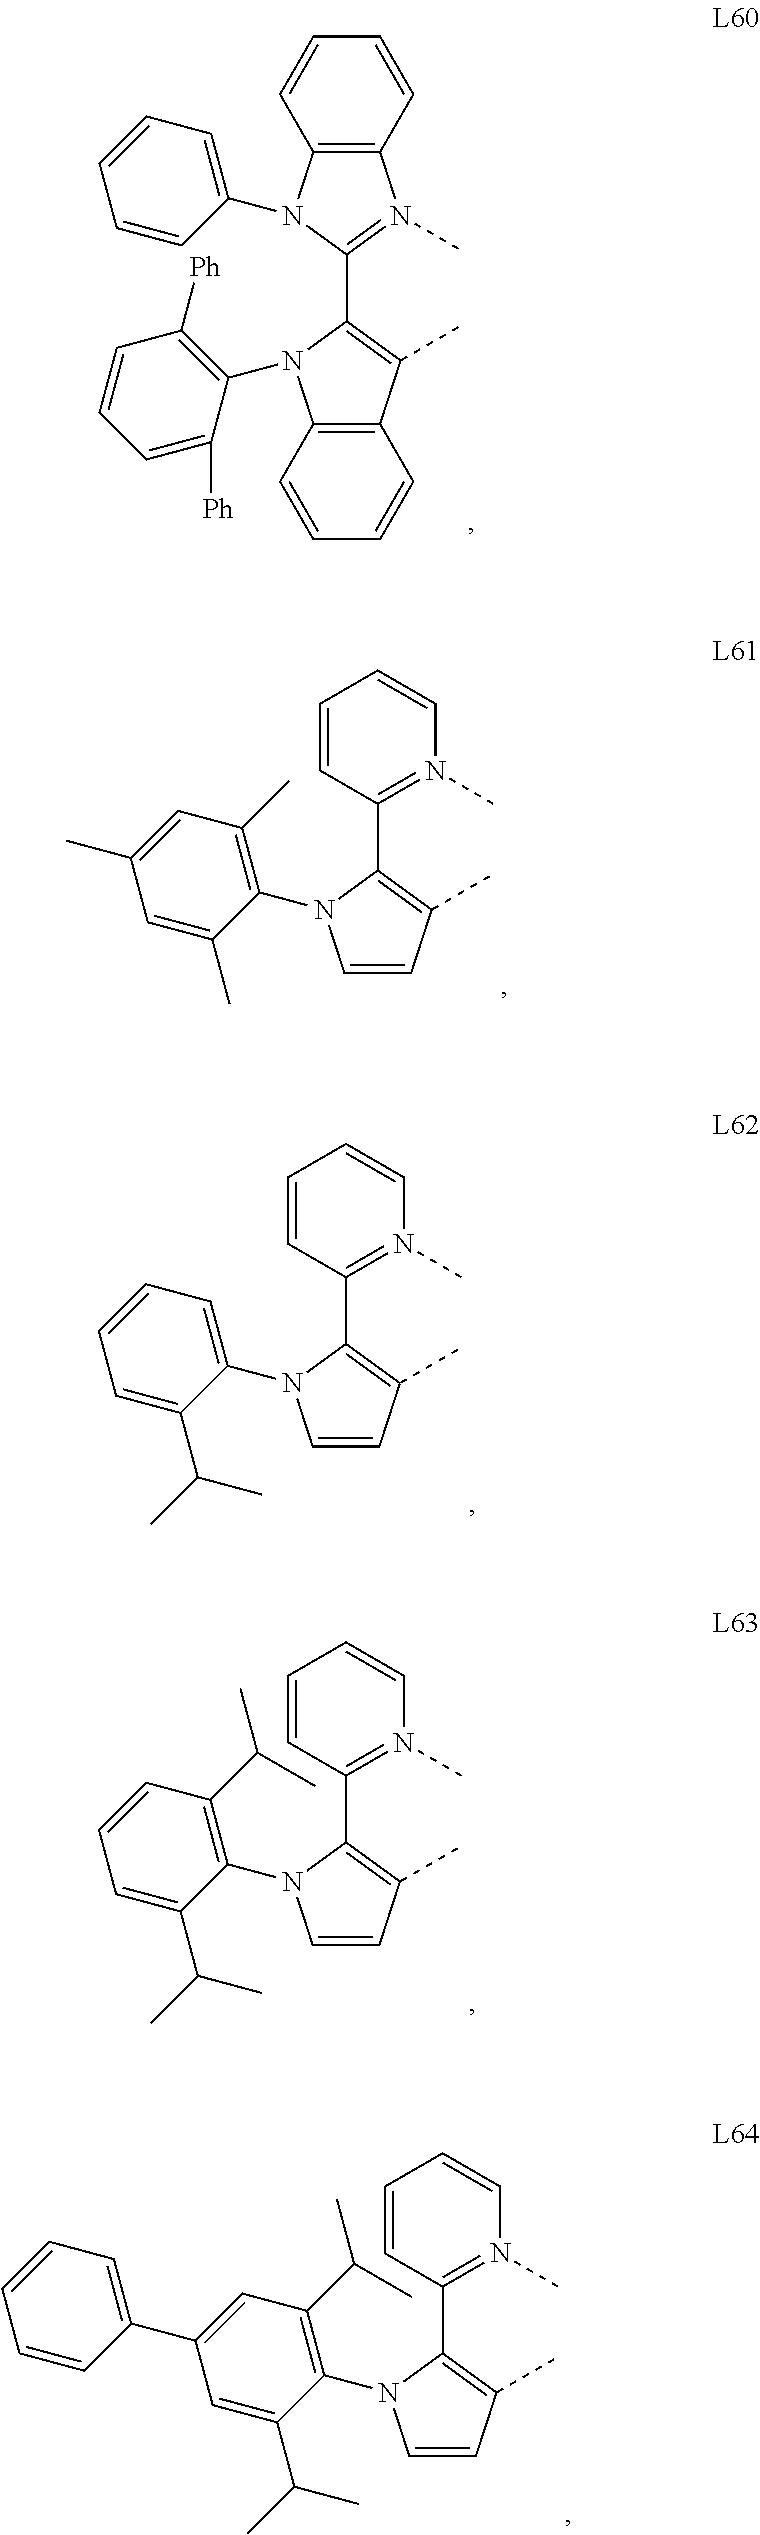 Figure US09935277-20180403-C00017